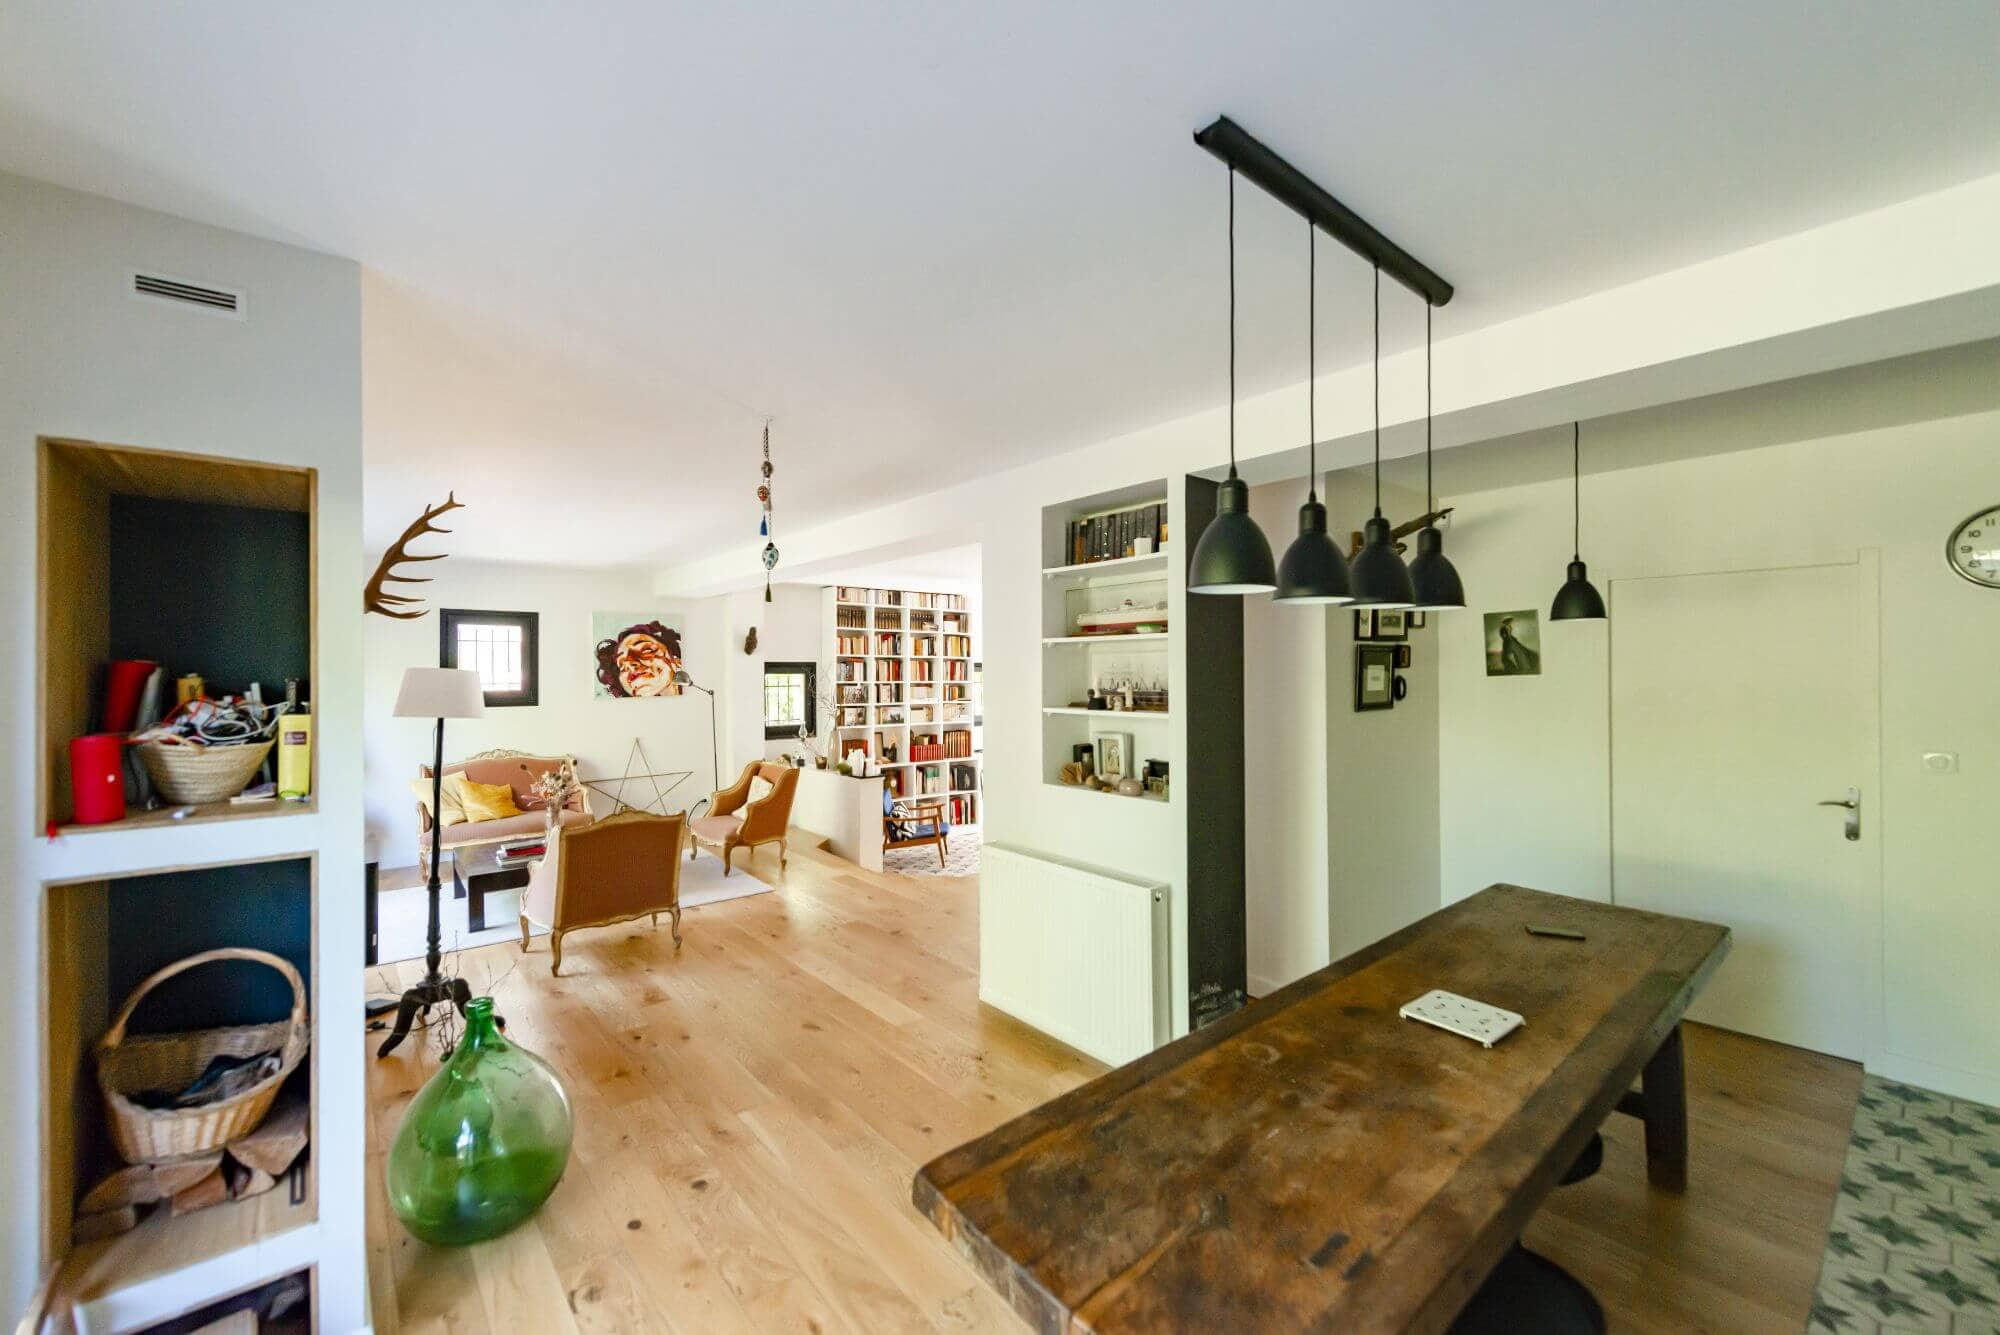 Maison, l'Ormeau, Renovation